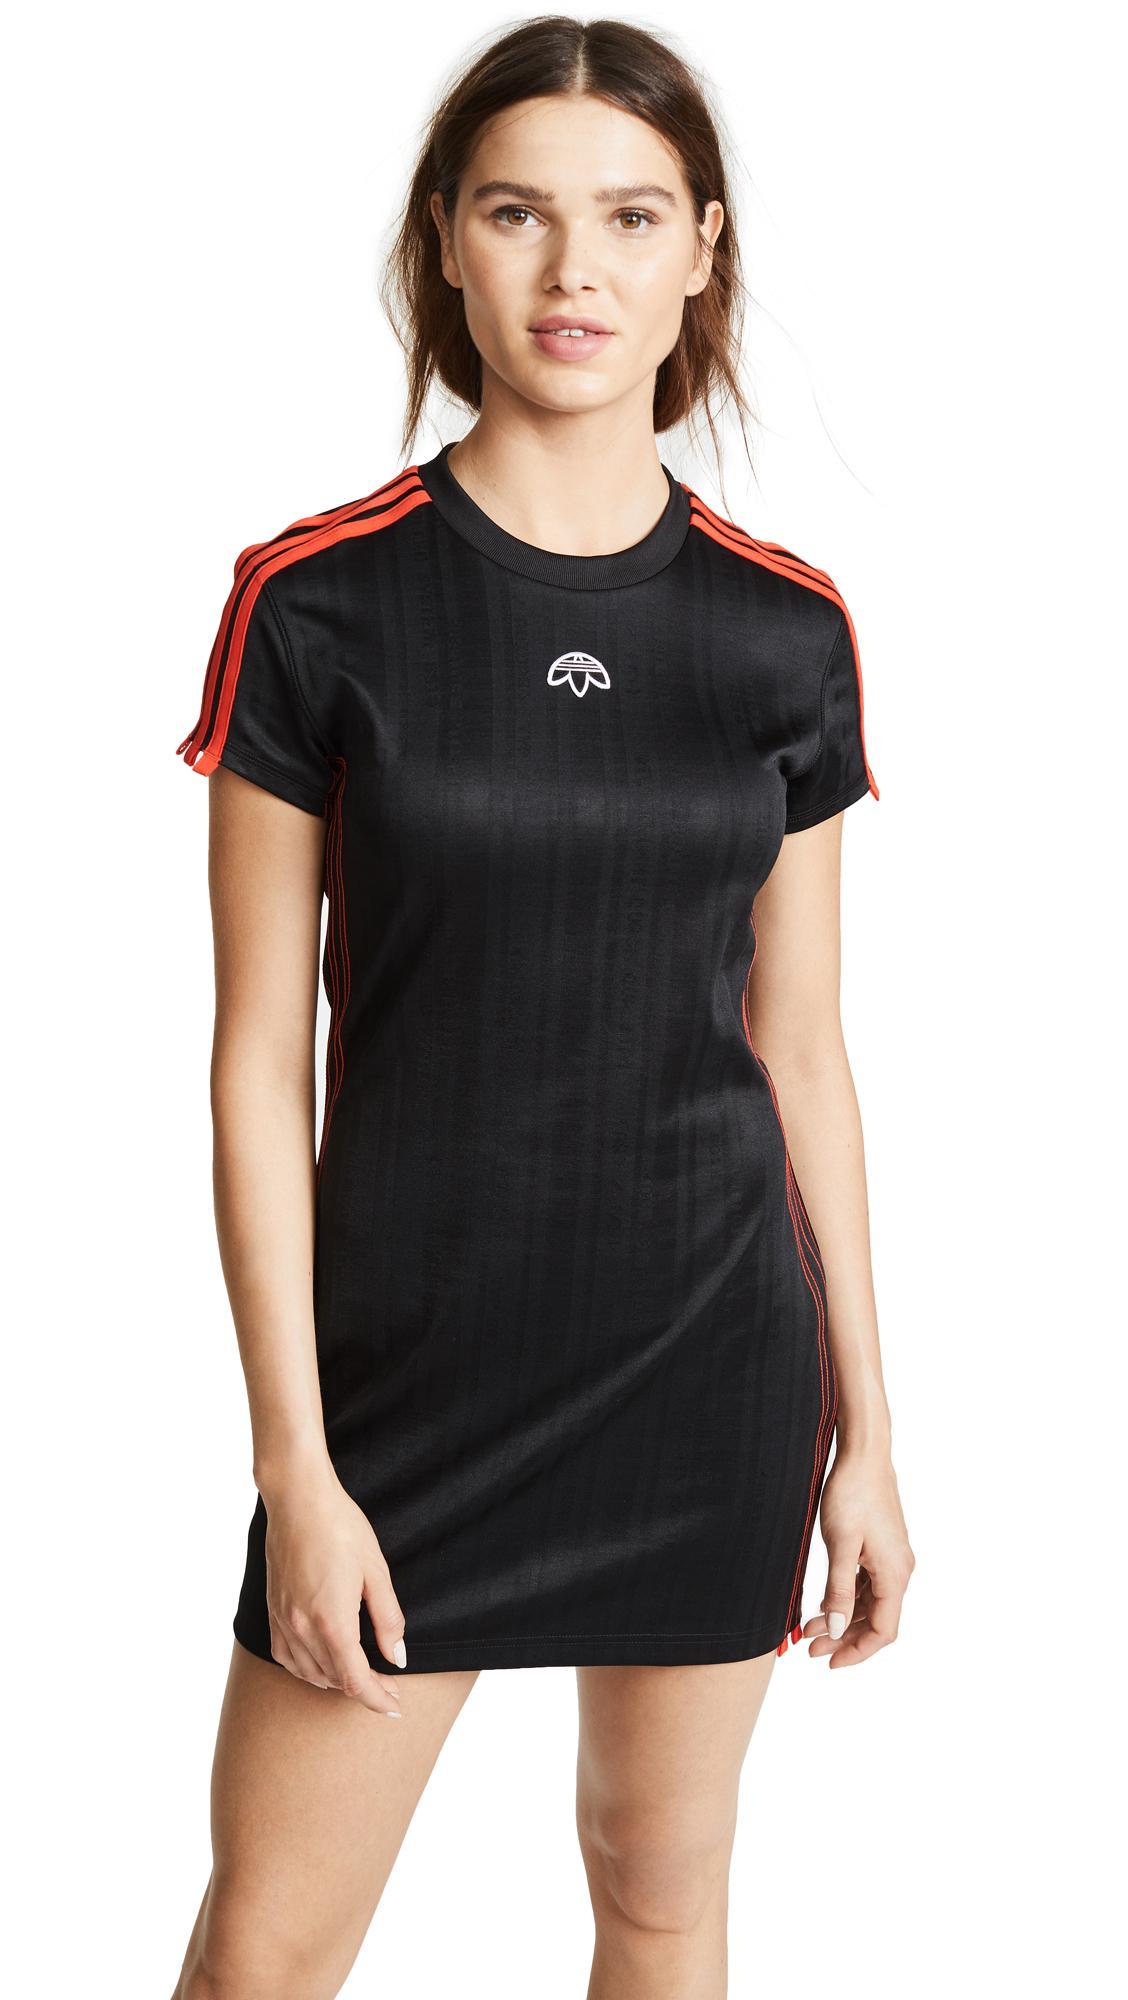 a13117e5820 Adidas Originals By Alexander Wang Aw Dress In Black/Corred | ModeSens